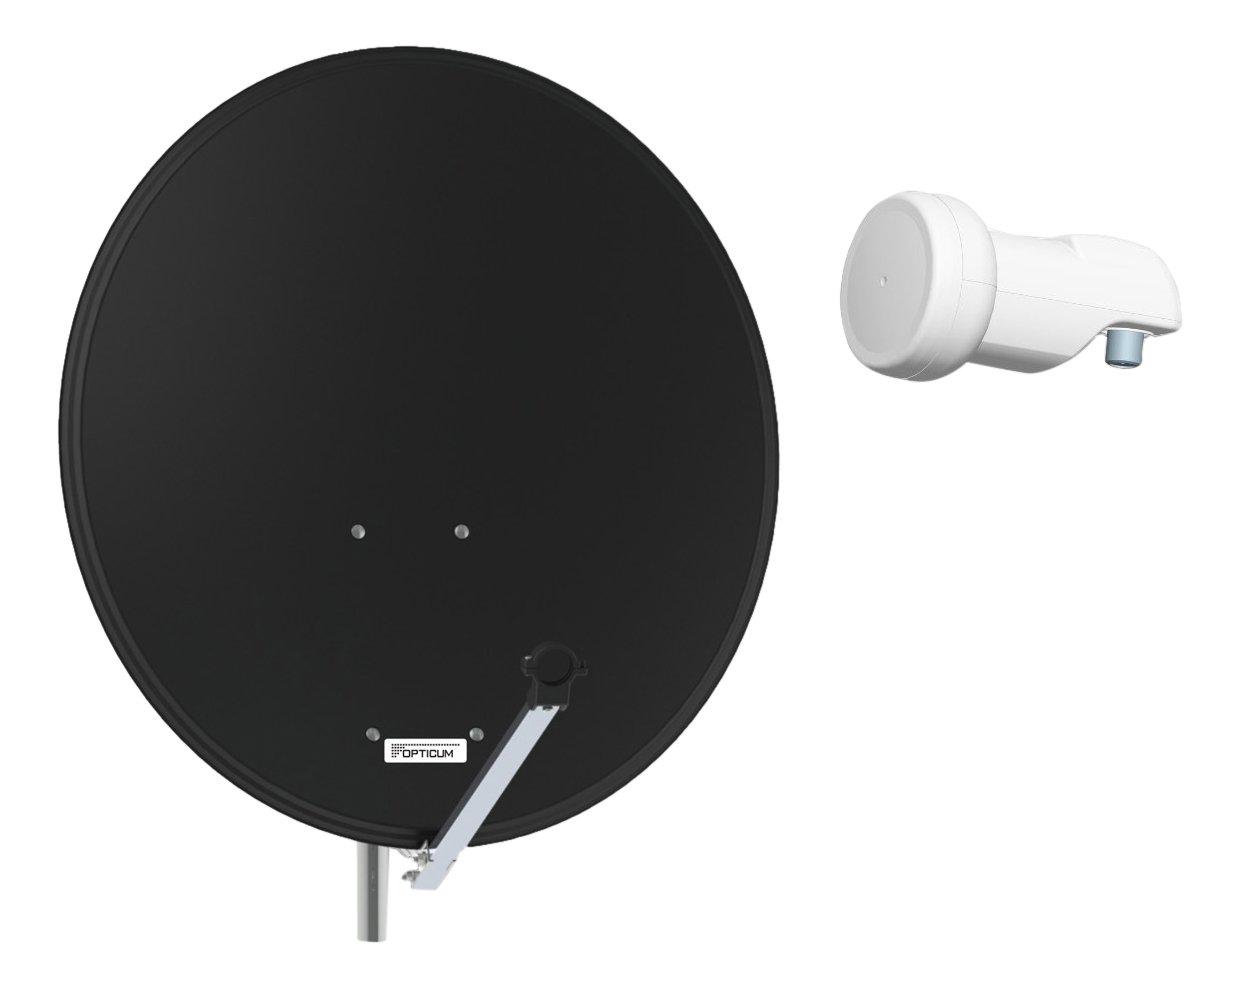 Opticum QA 80 sat/élites Gris Acero Antena con LNB Simple Monobloque LMTP 04 A//H